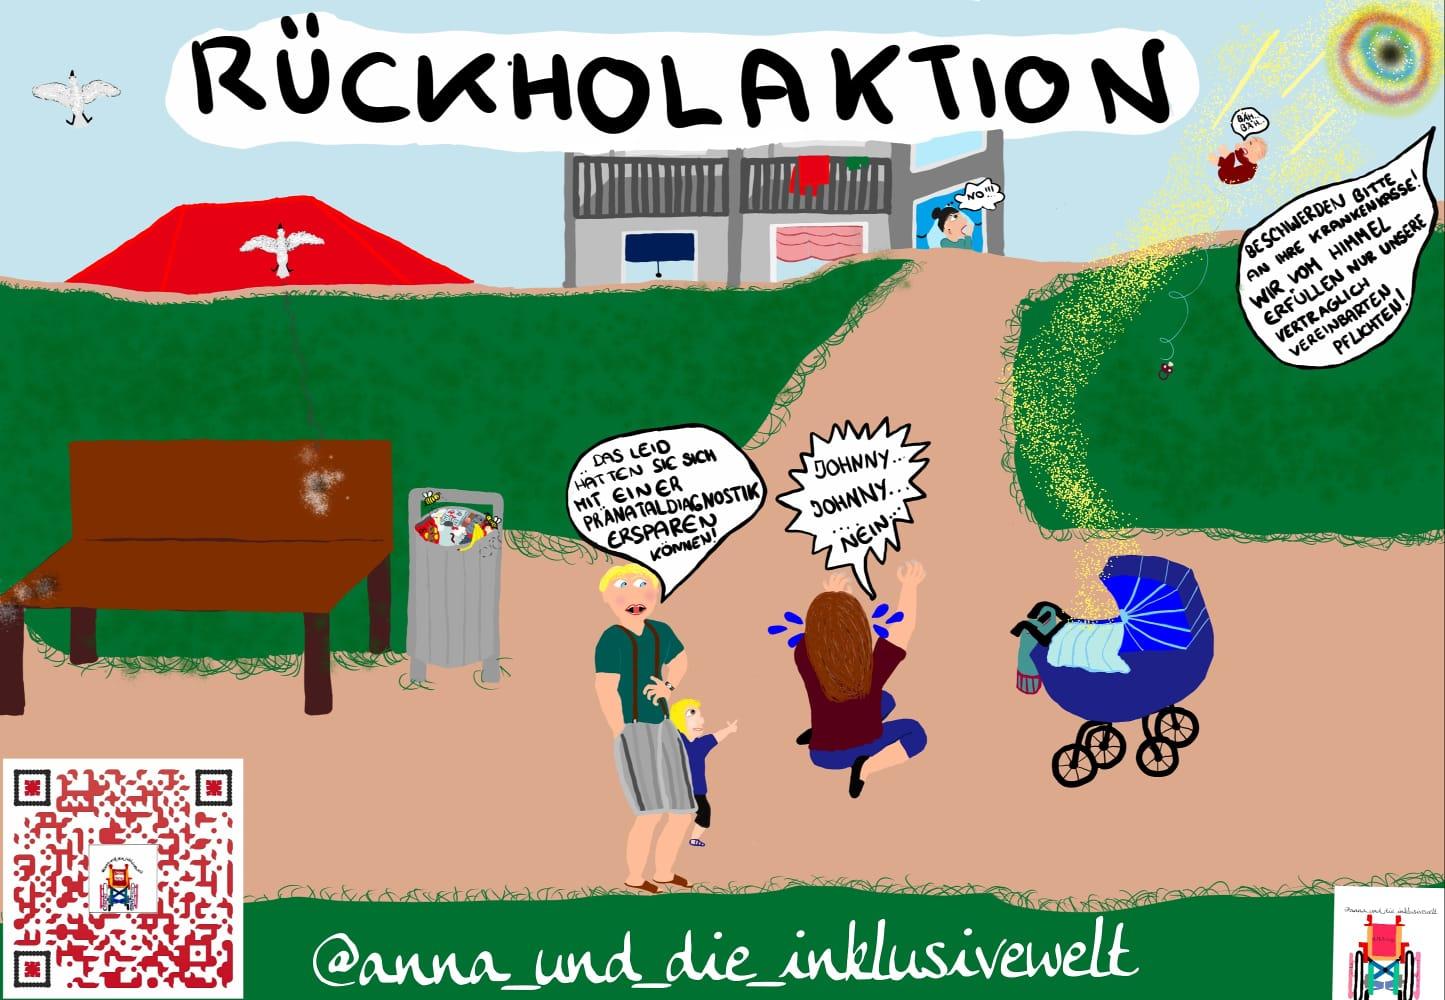 Rückholaktion